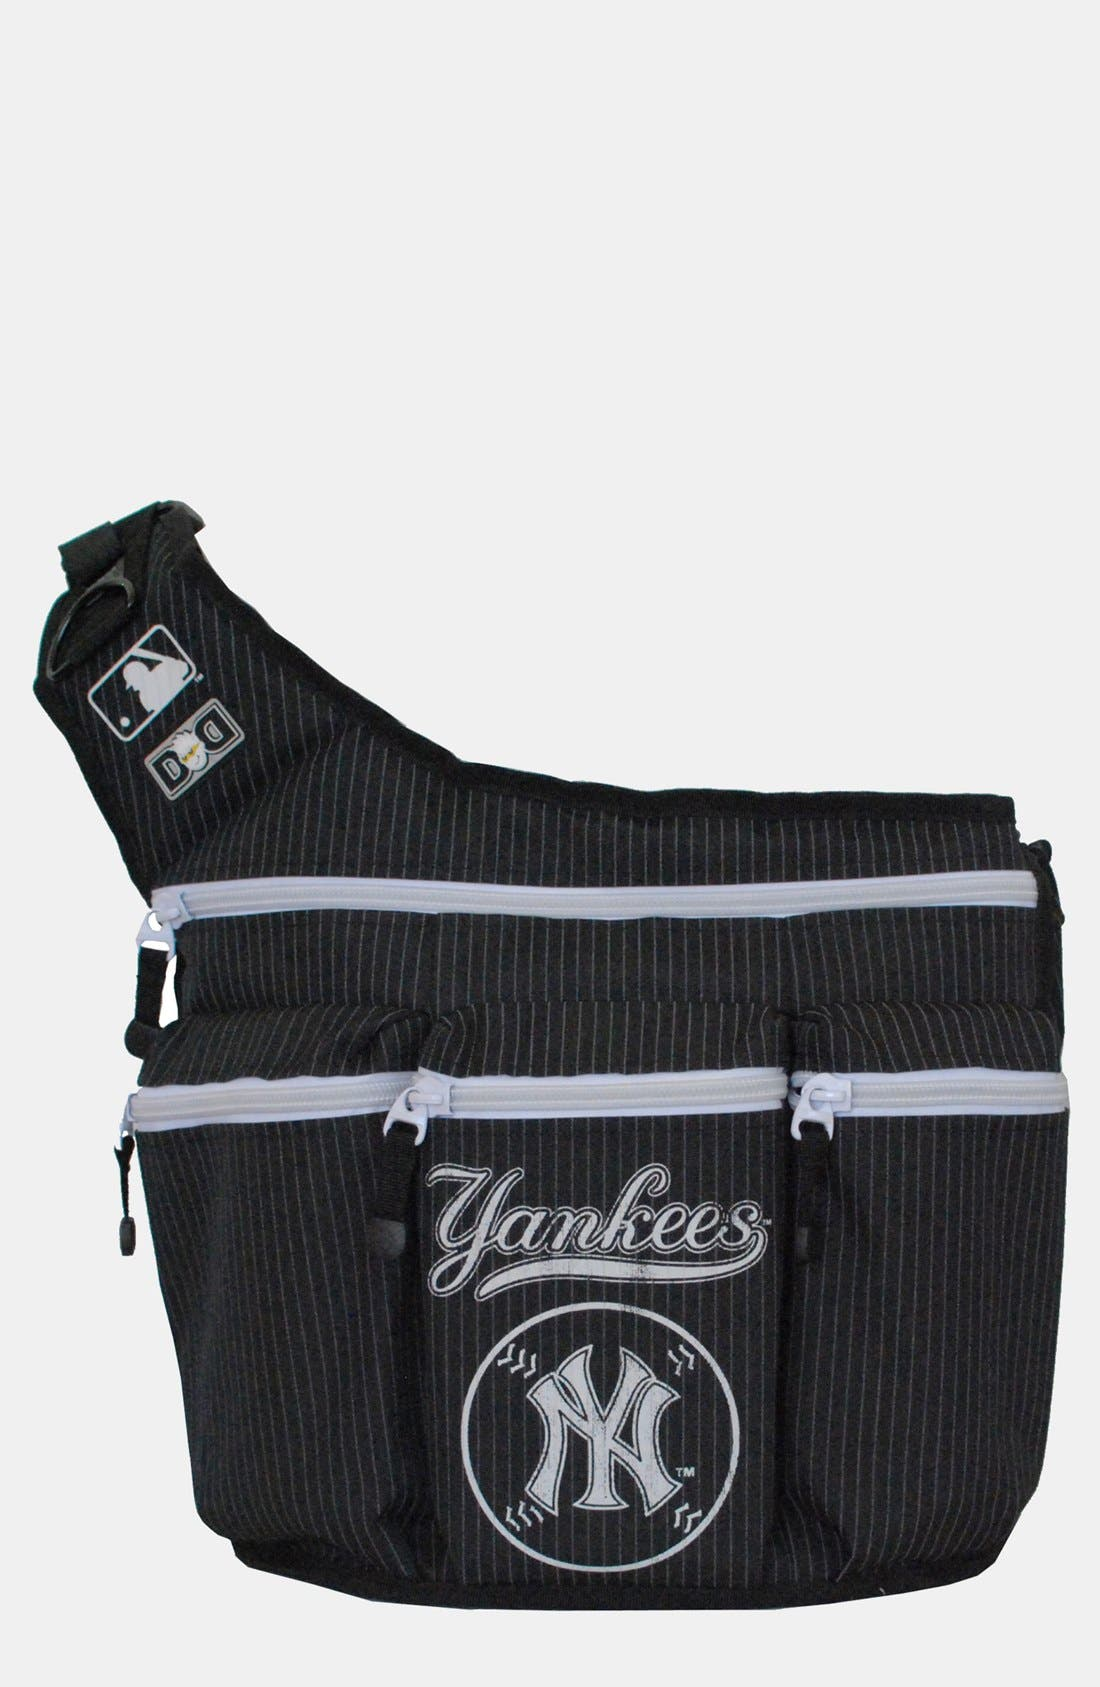 Diaper Dude 'New York Yankees' Messenger Diaper Bag